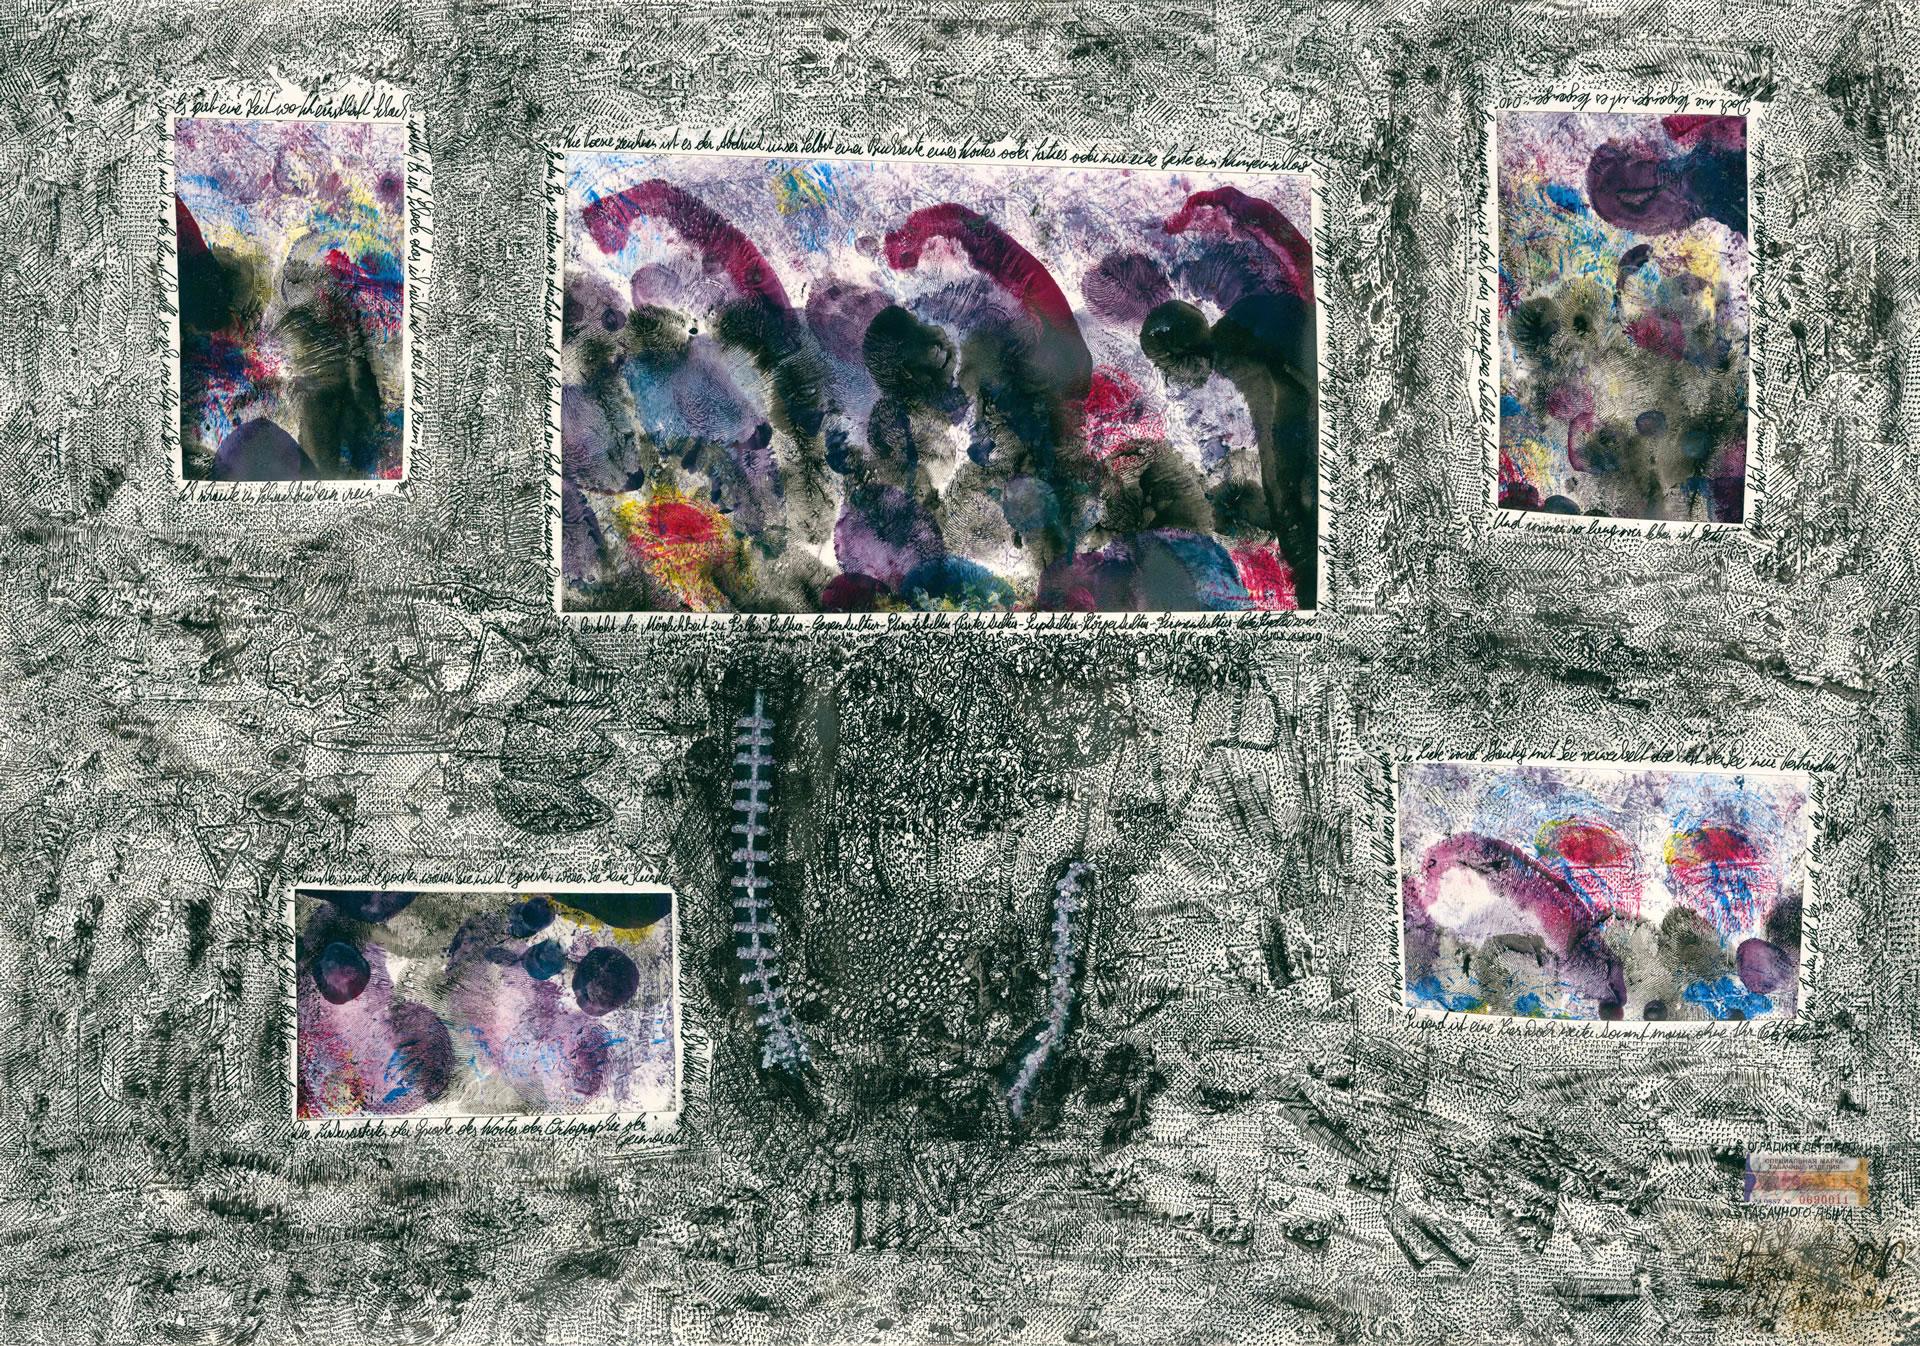 Galerie3 | Kopfkino | 07 | Peter Kapeller | 2010